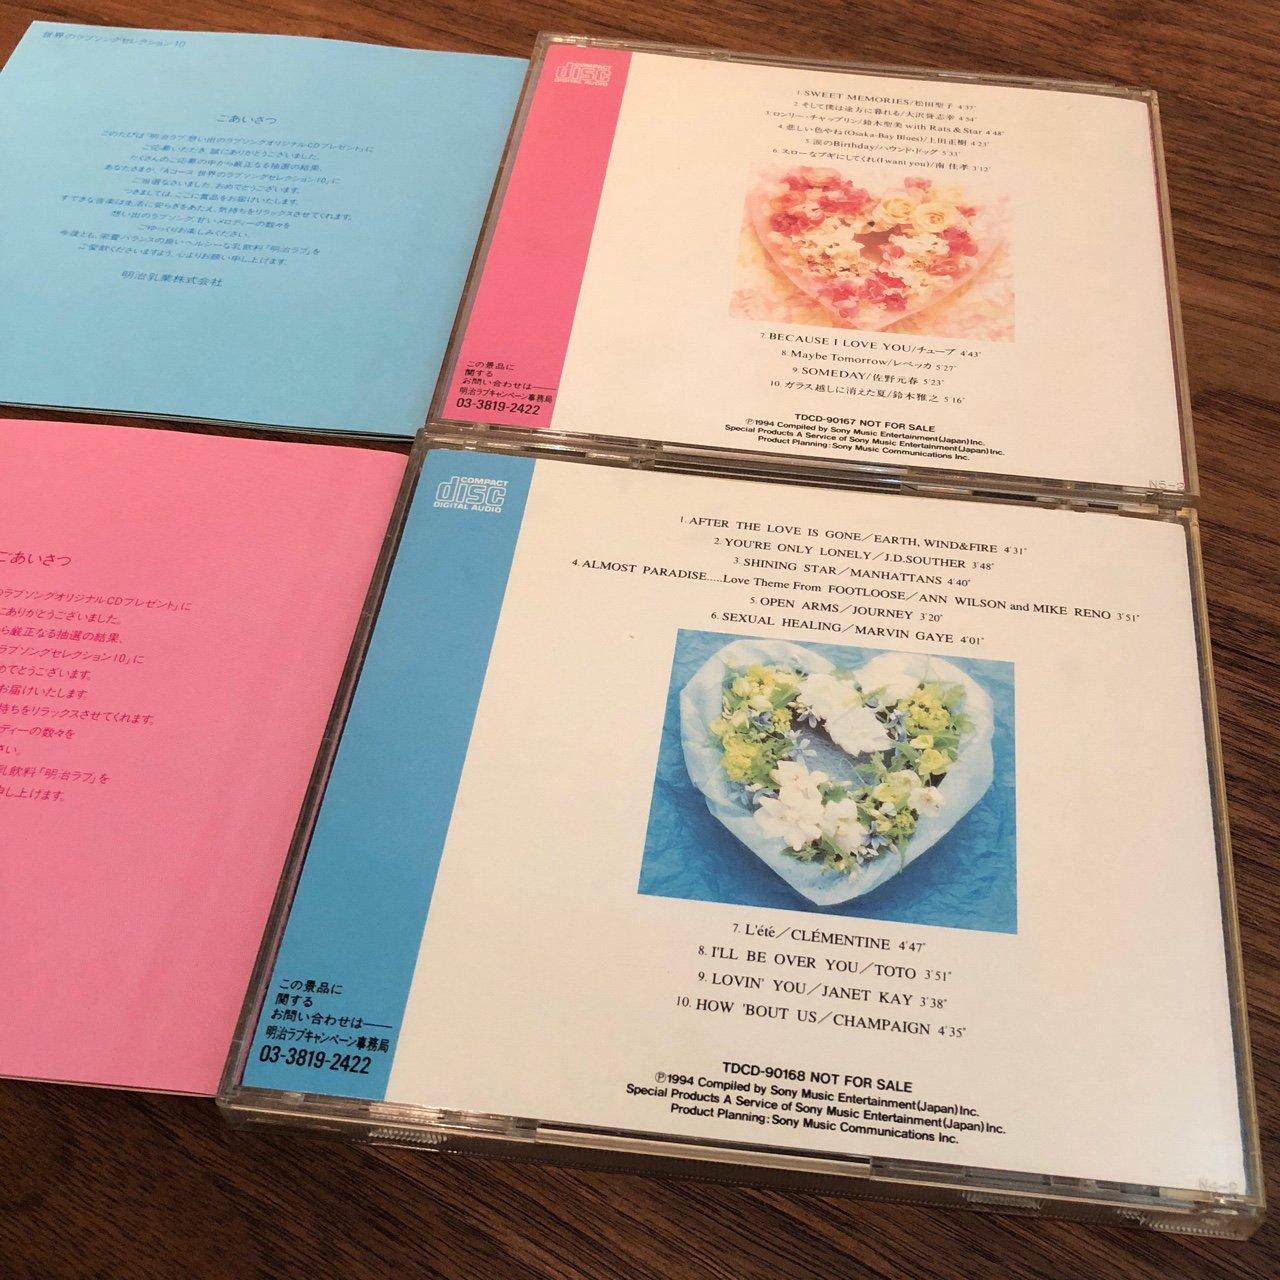 「世界のラブソングセレクション10」 TDCD-90168 NOT FOR SALE 「日本のラブソングセレクション10」 TDCD-90167 NOT FOR SALE https://t.co/0drhAgD384